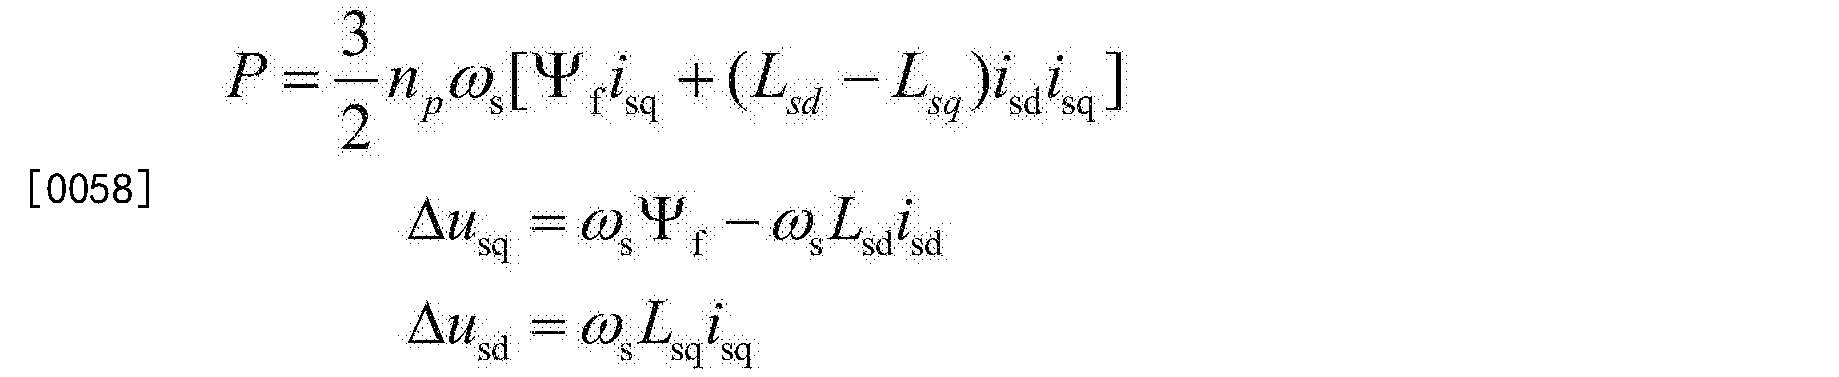 Figure CN103956955BD00092